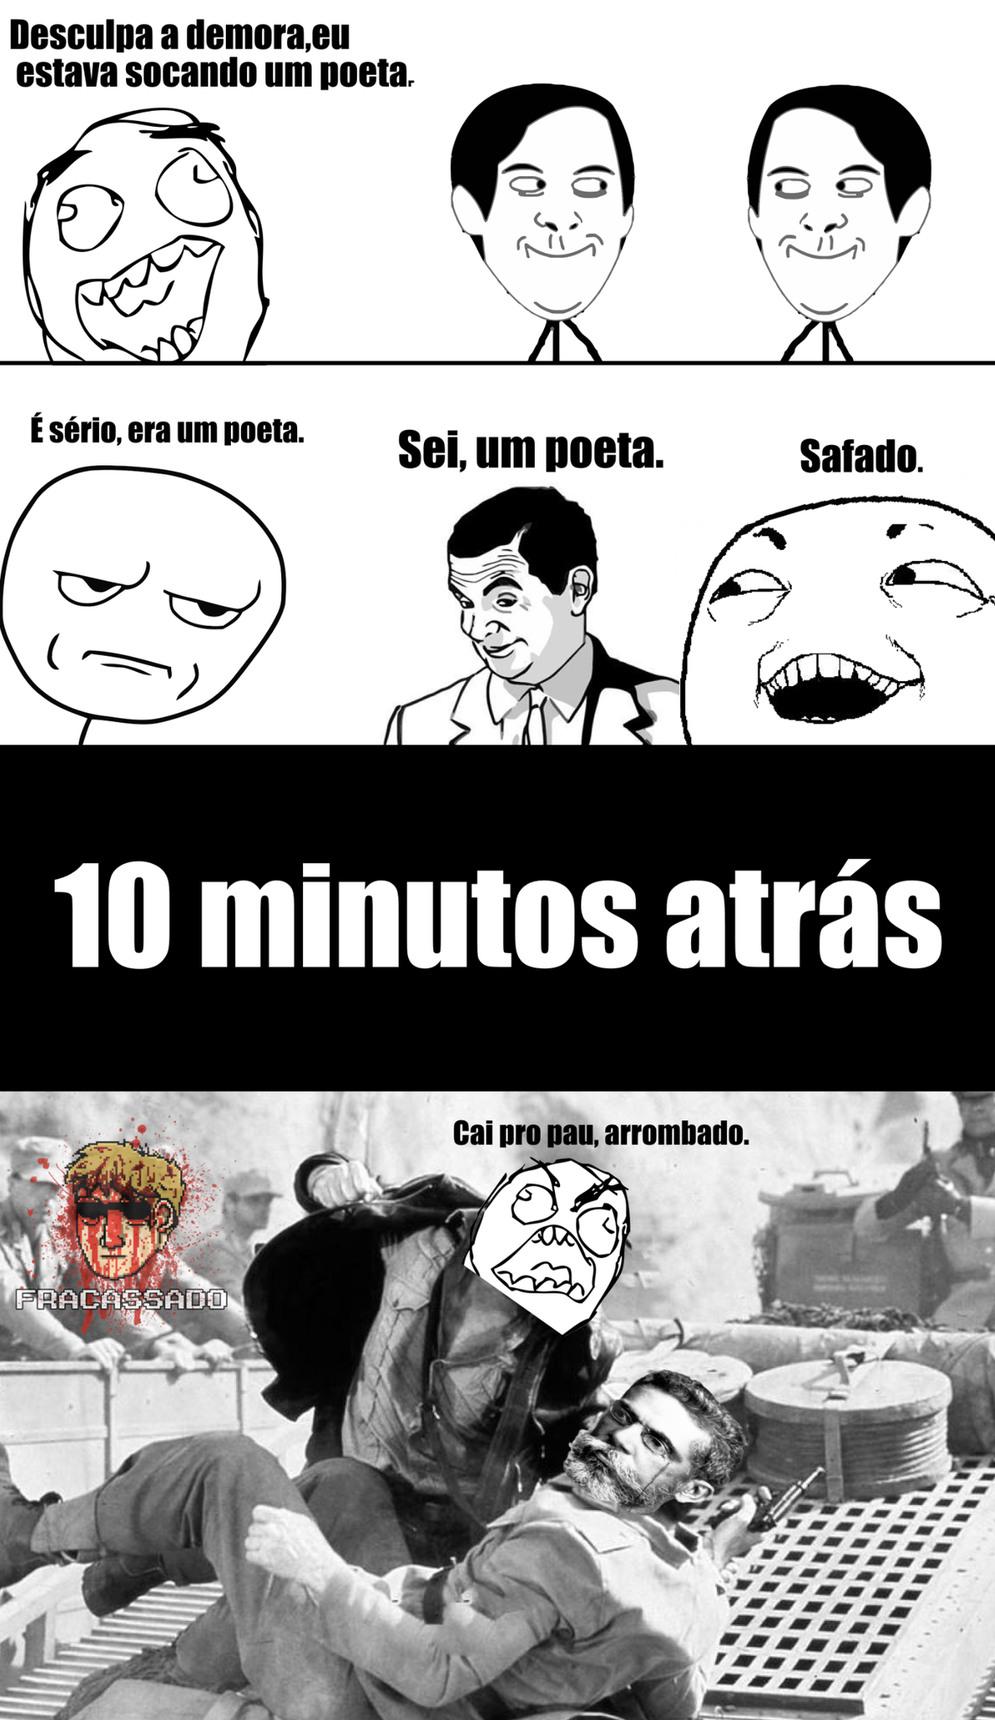 Poetero - meme